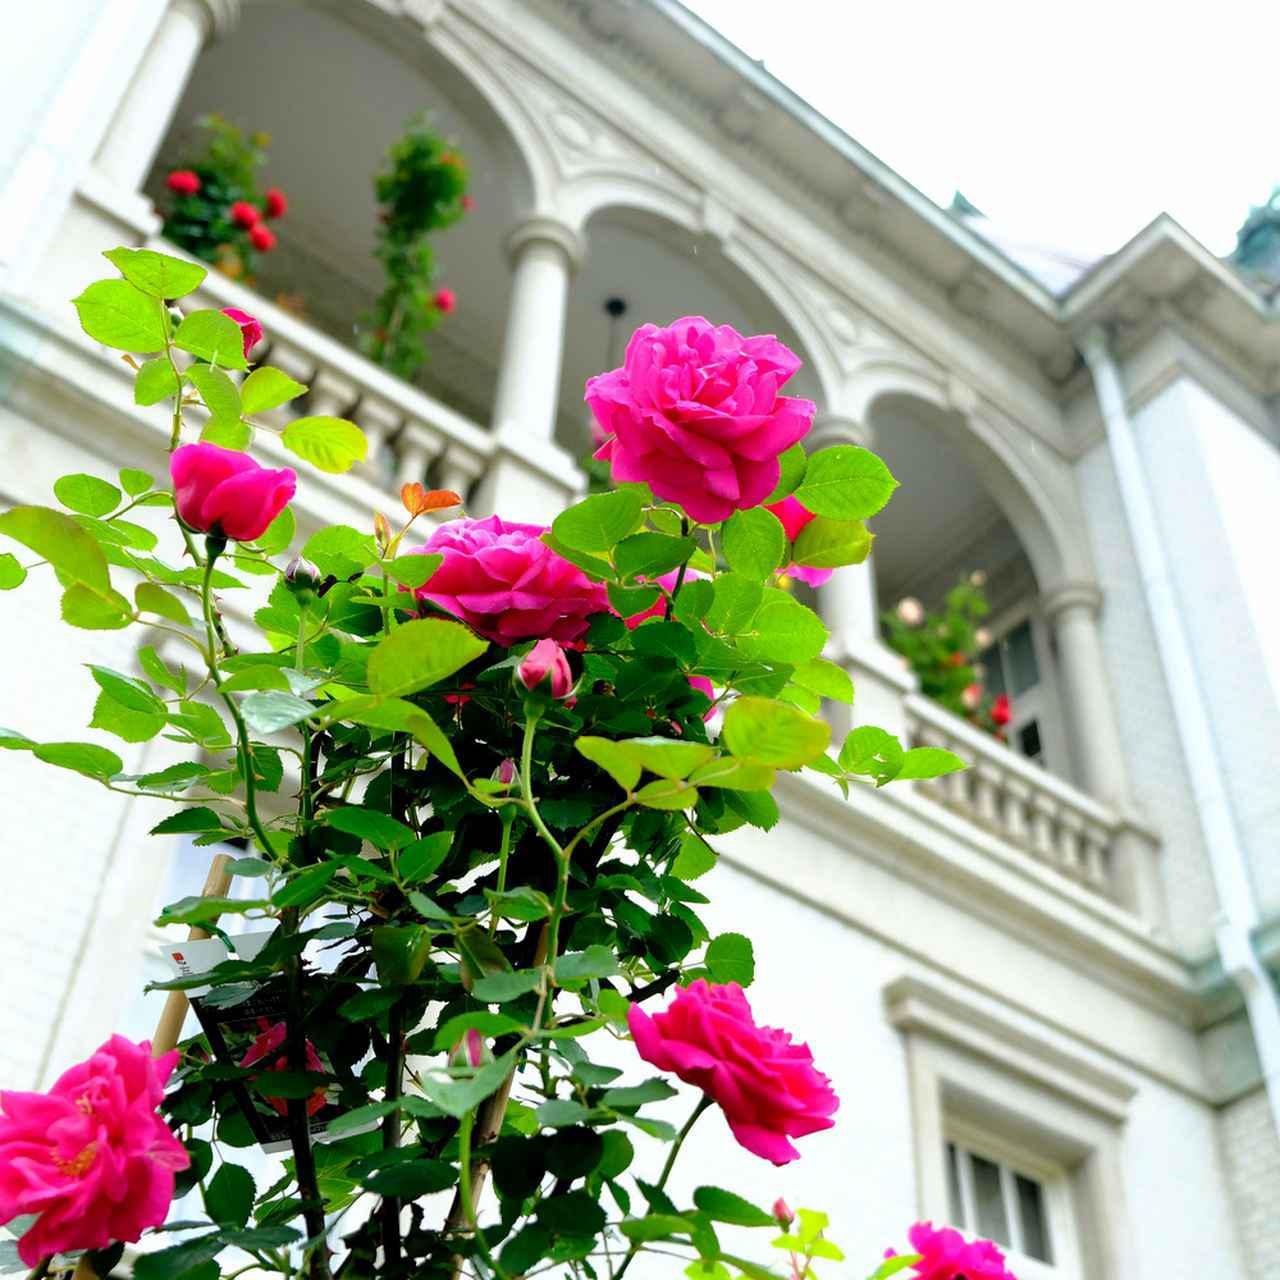 画像: この日は毎年恒例の「バラ展」が開催中。朝から多くの人で賑わっていました。